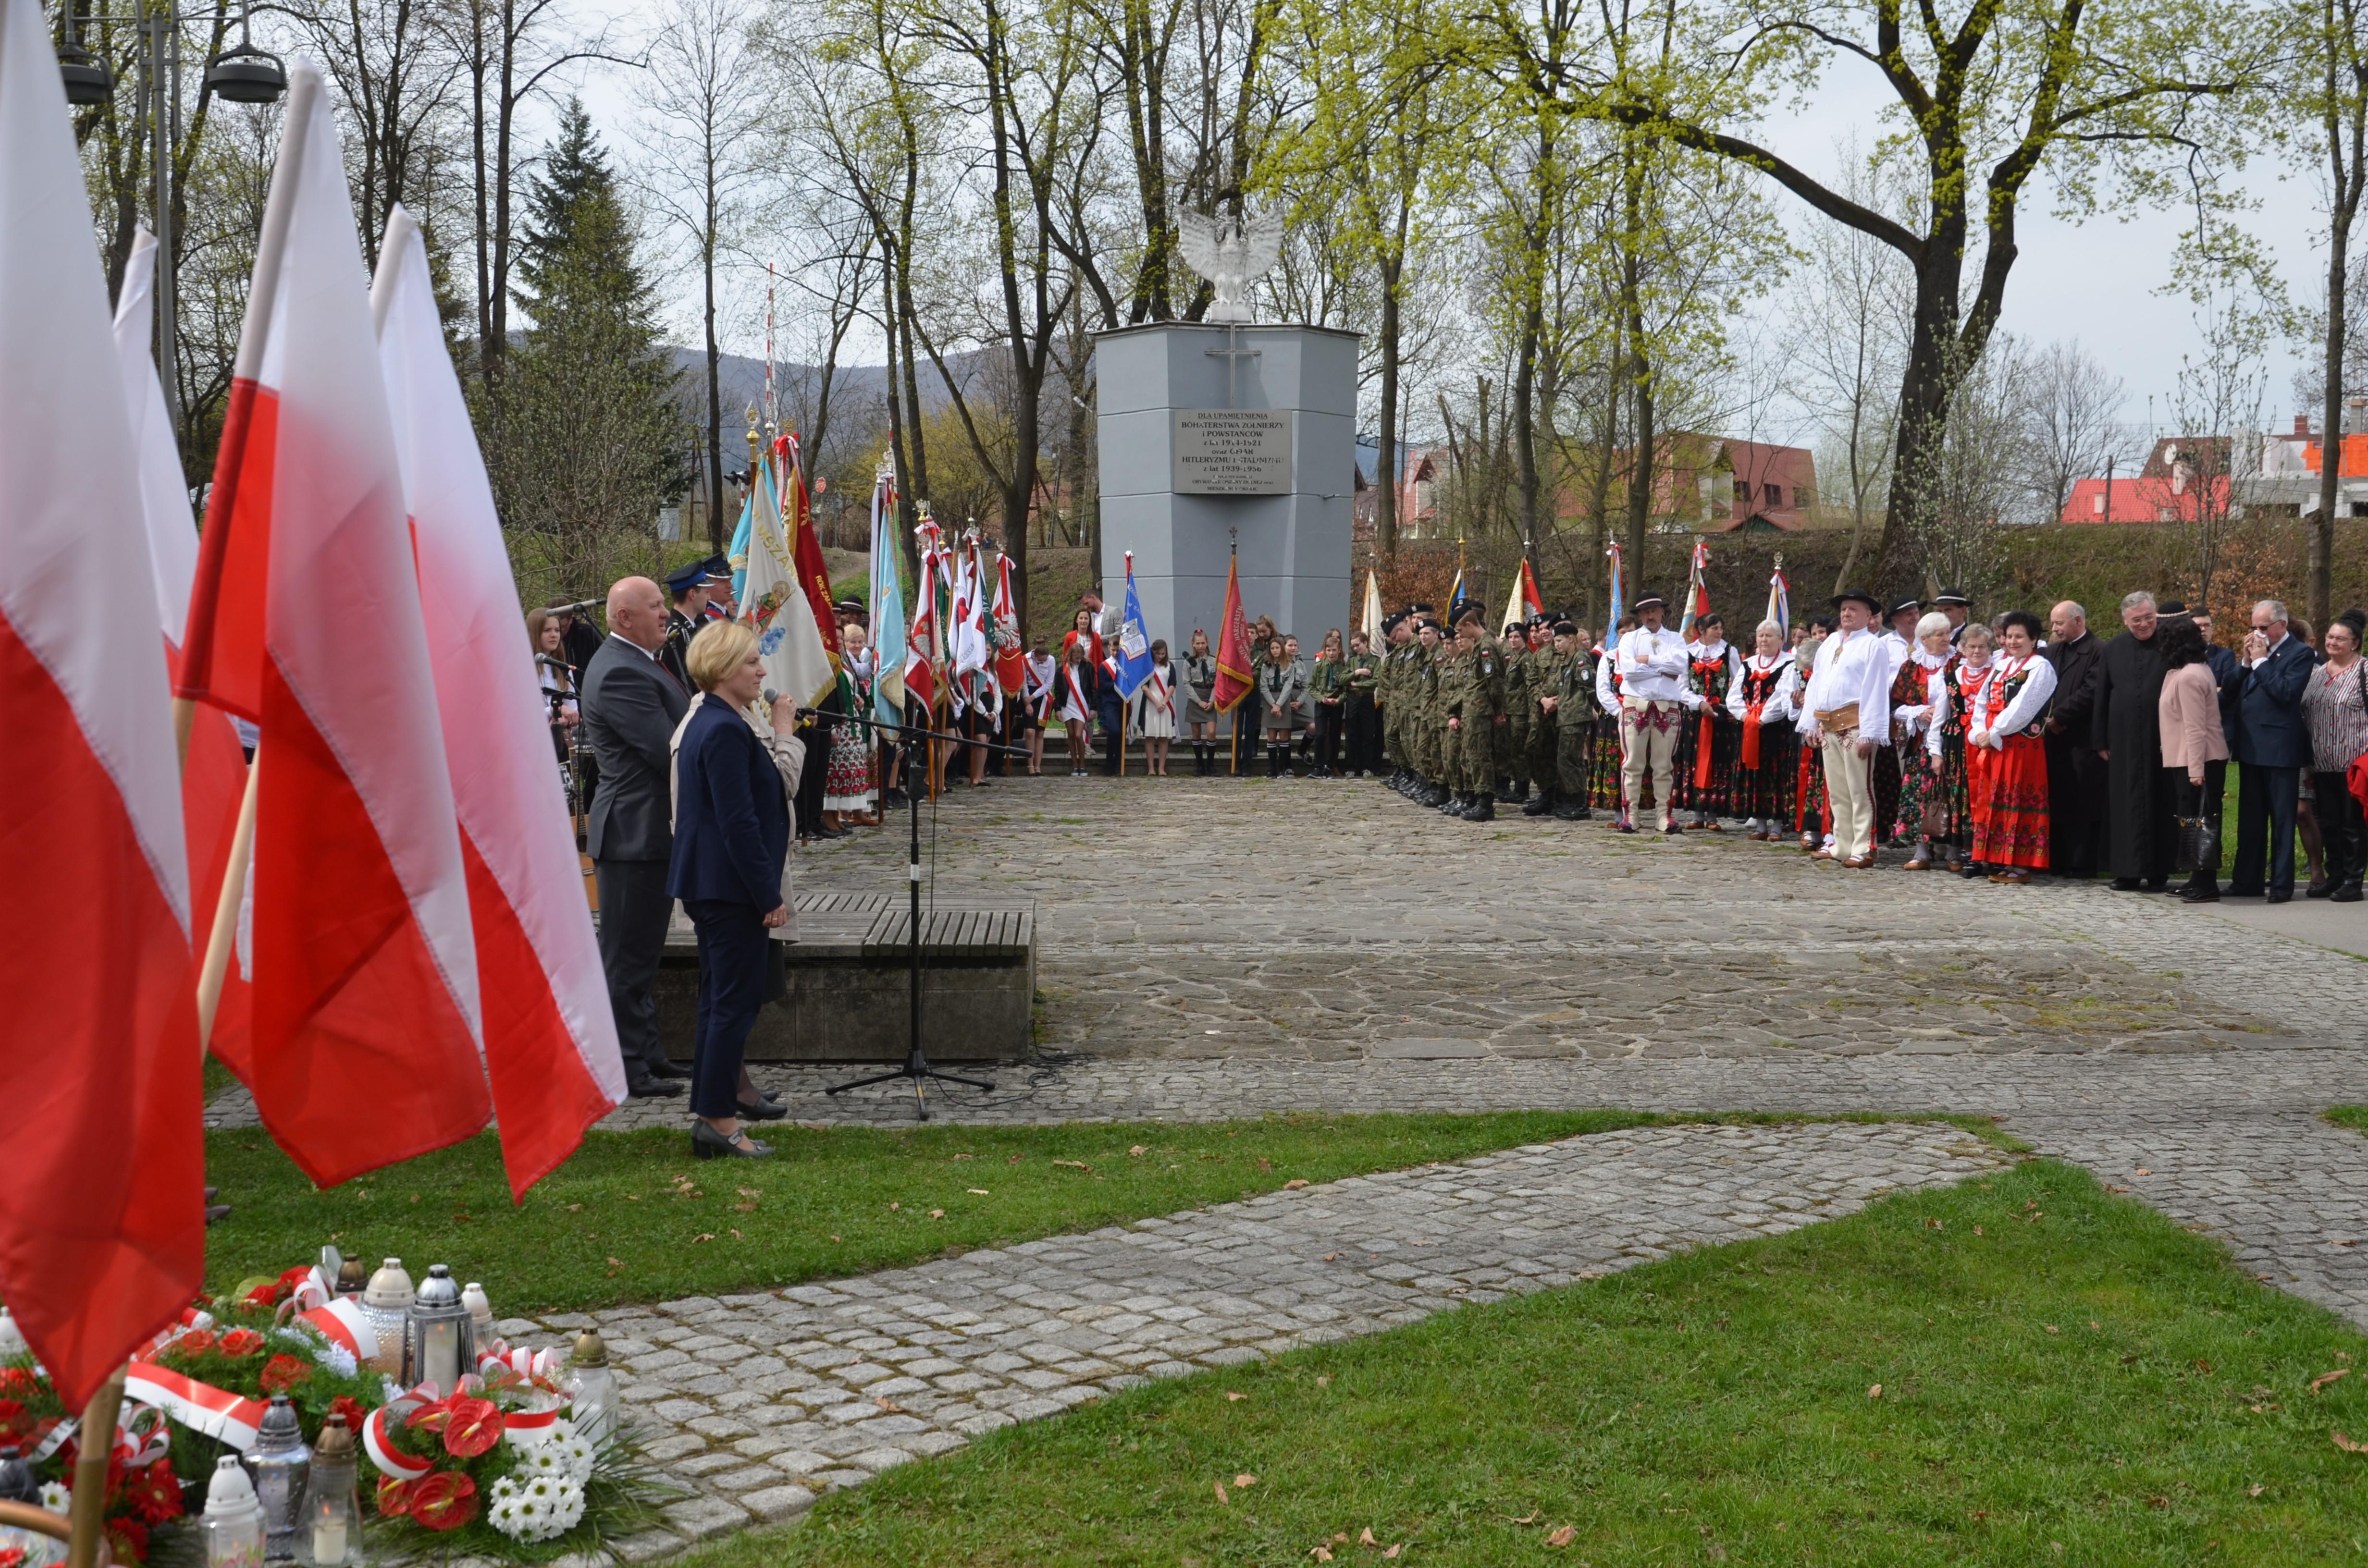 uroczystości Dnia Pamięci Ofiar Zbrodni Katyńskiej obchodozne przy pominku w Mszanie Dolnej